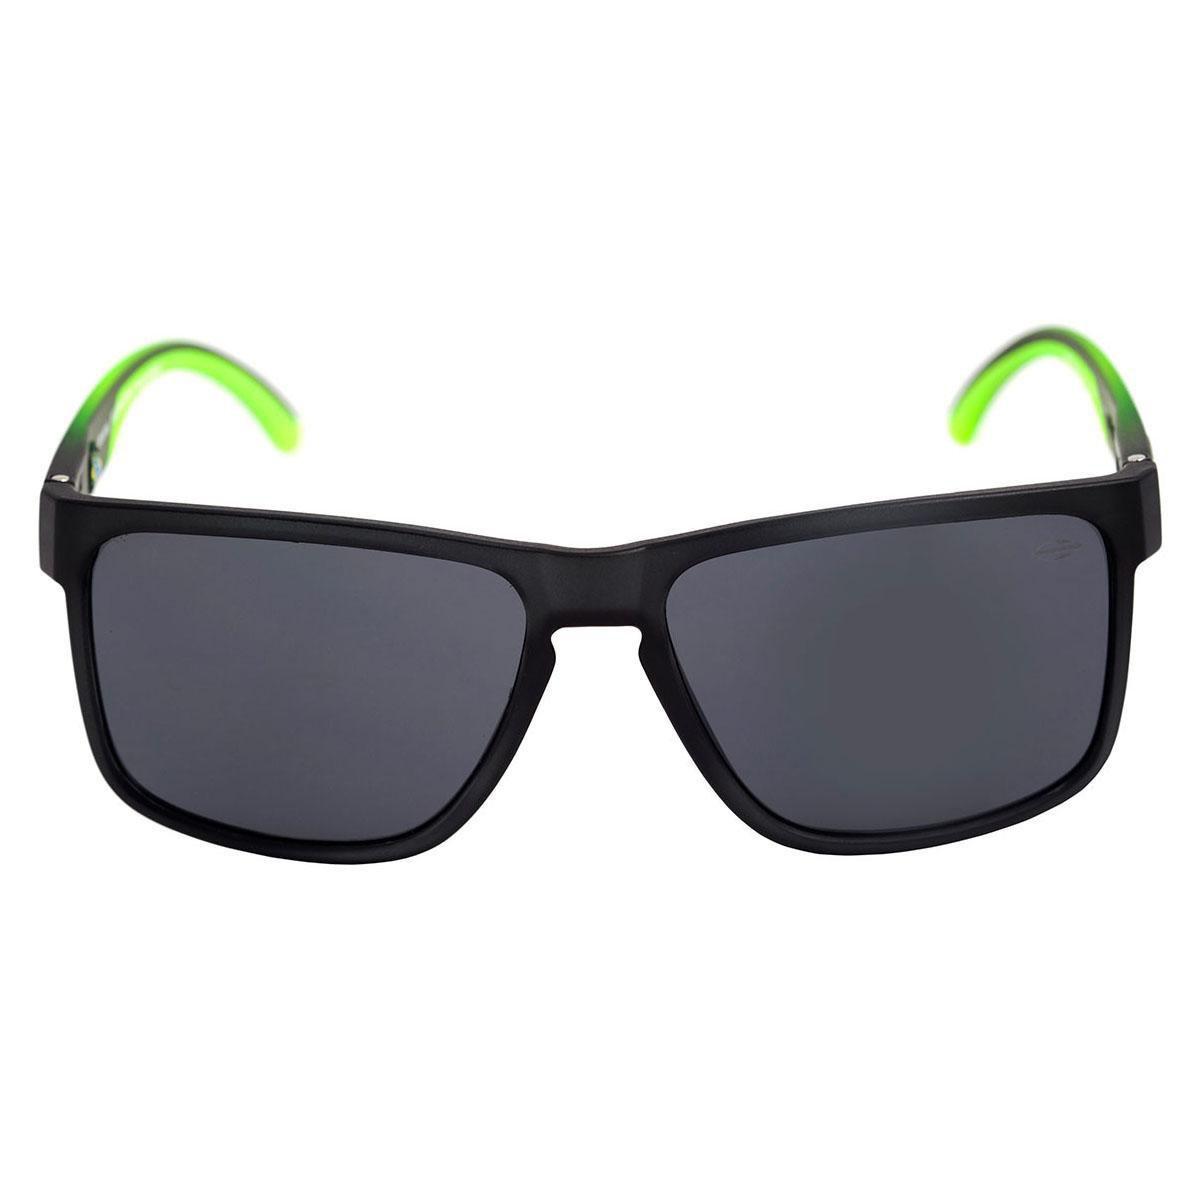 8fa78bf469810 Óculos Mormaii Monterey - Preto - Compre Agora   Netshoes